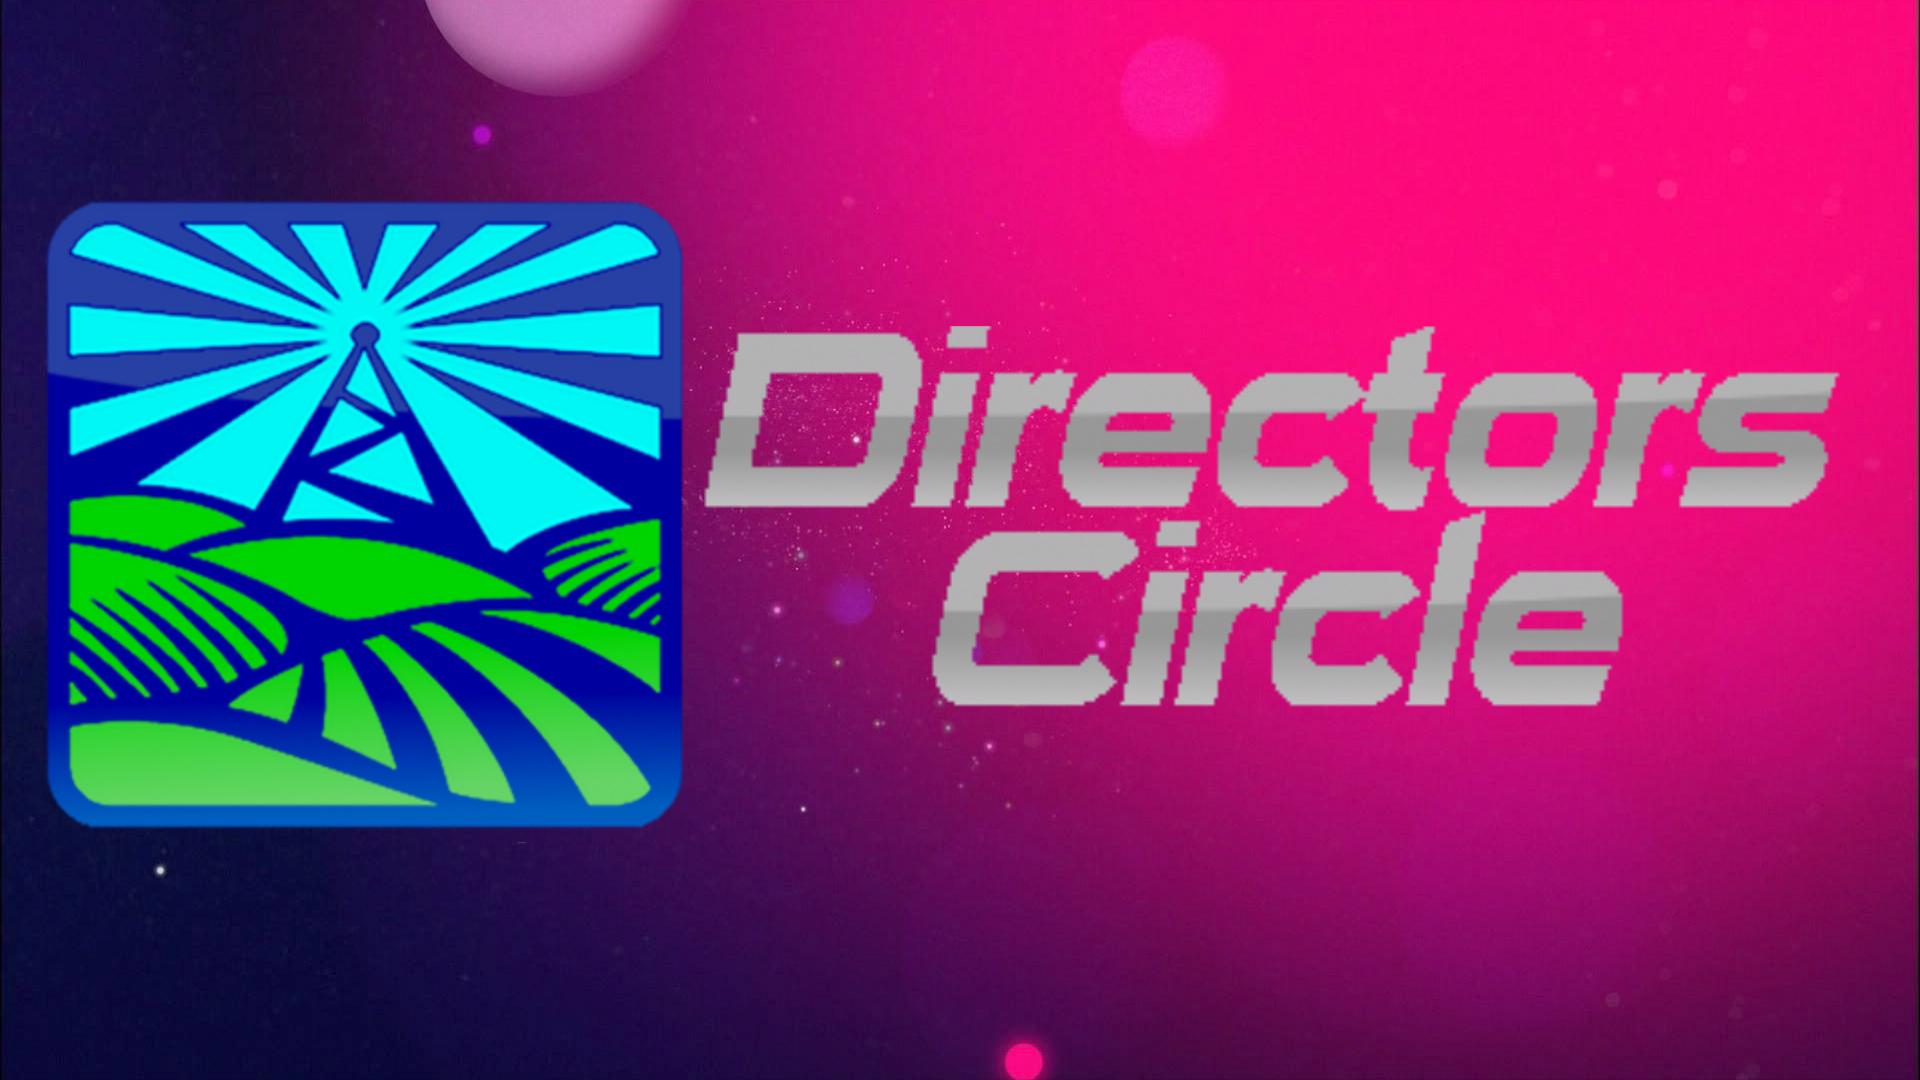 Directors' Circle